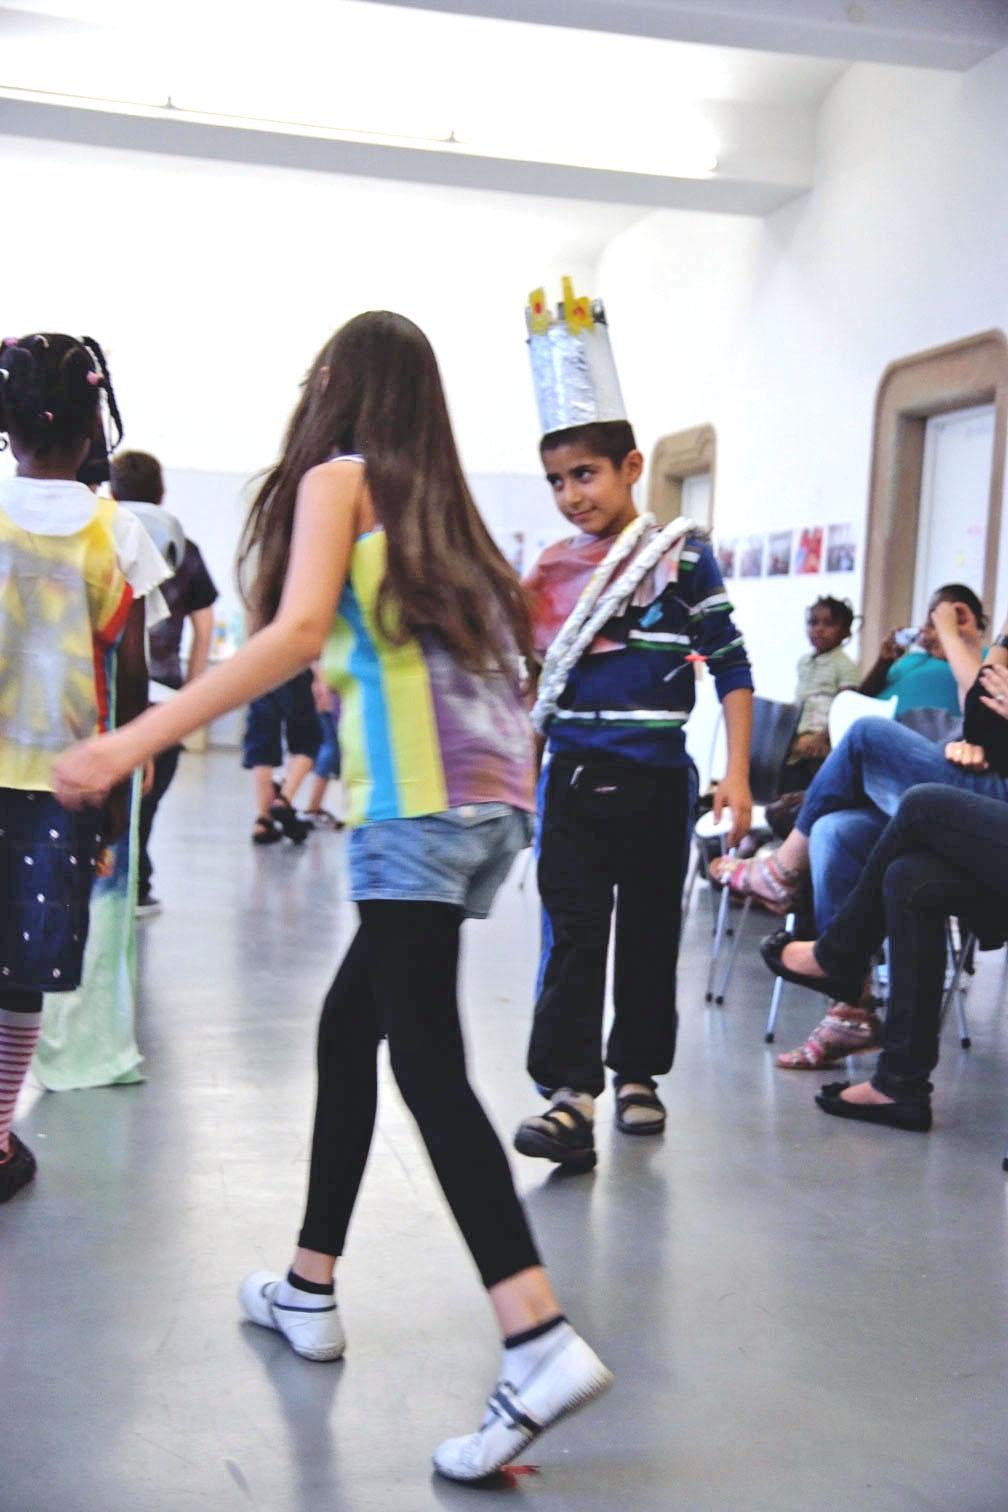 gerrit_schweiger-Rummel-2030-Zukunft-Kinder-Kreativität-Mode-Workshop-Modenschau-Ausstellung-14